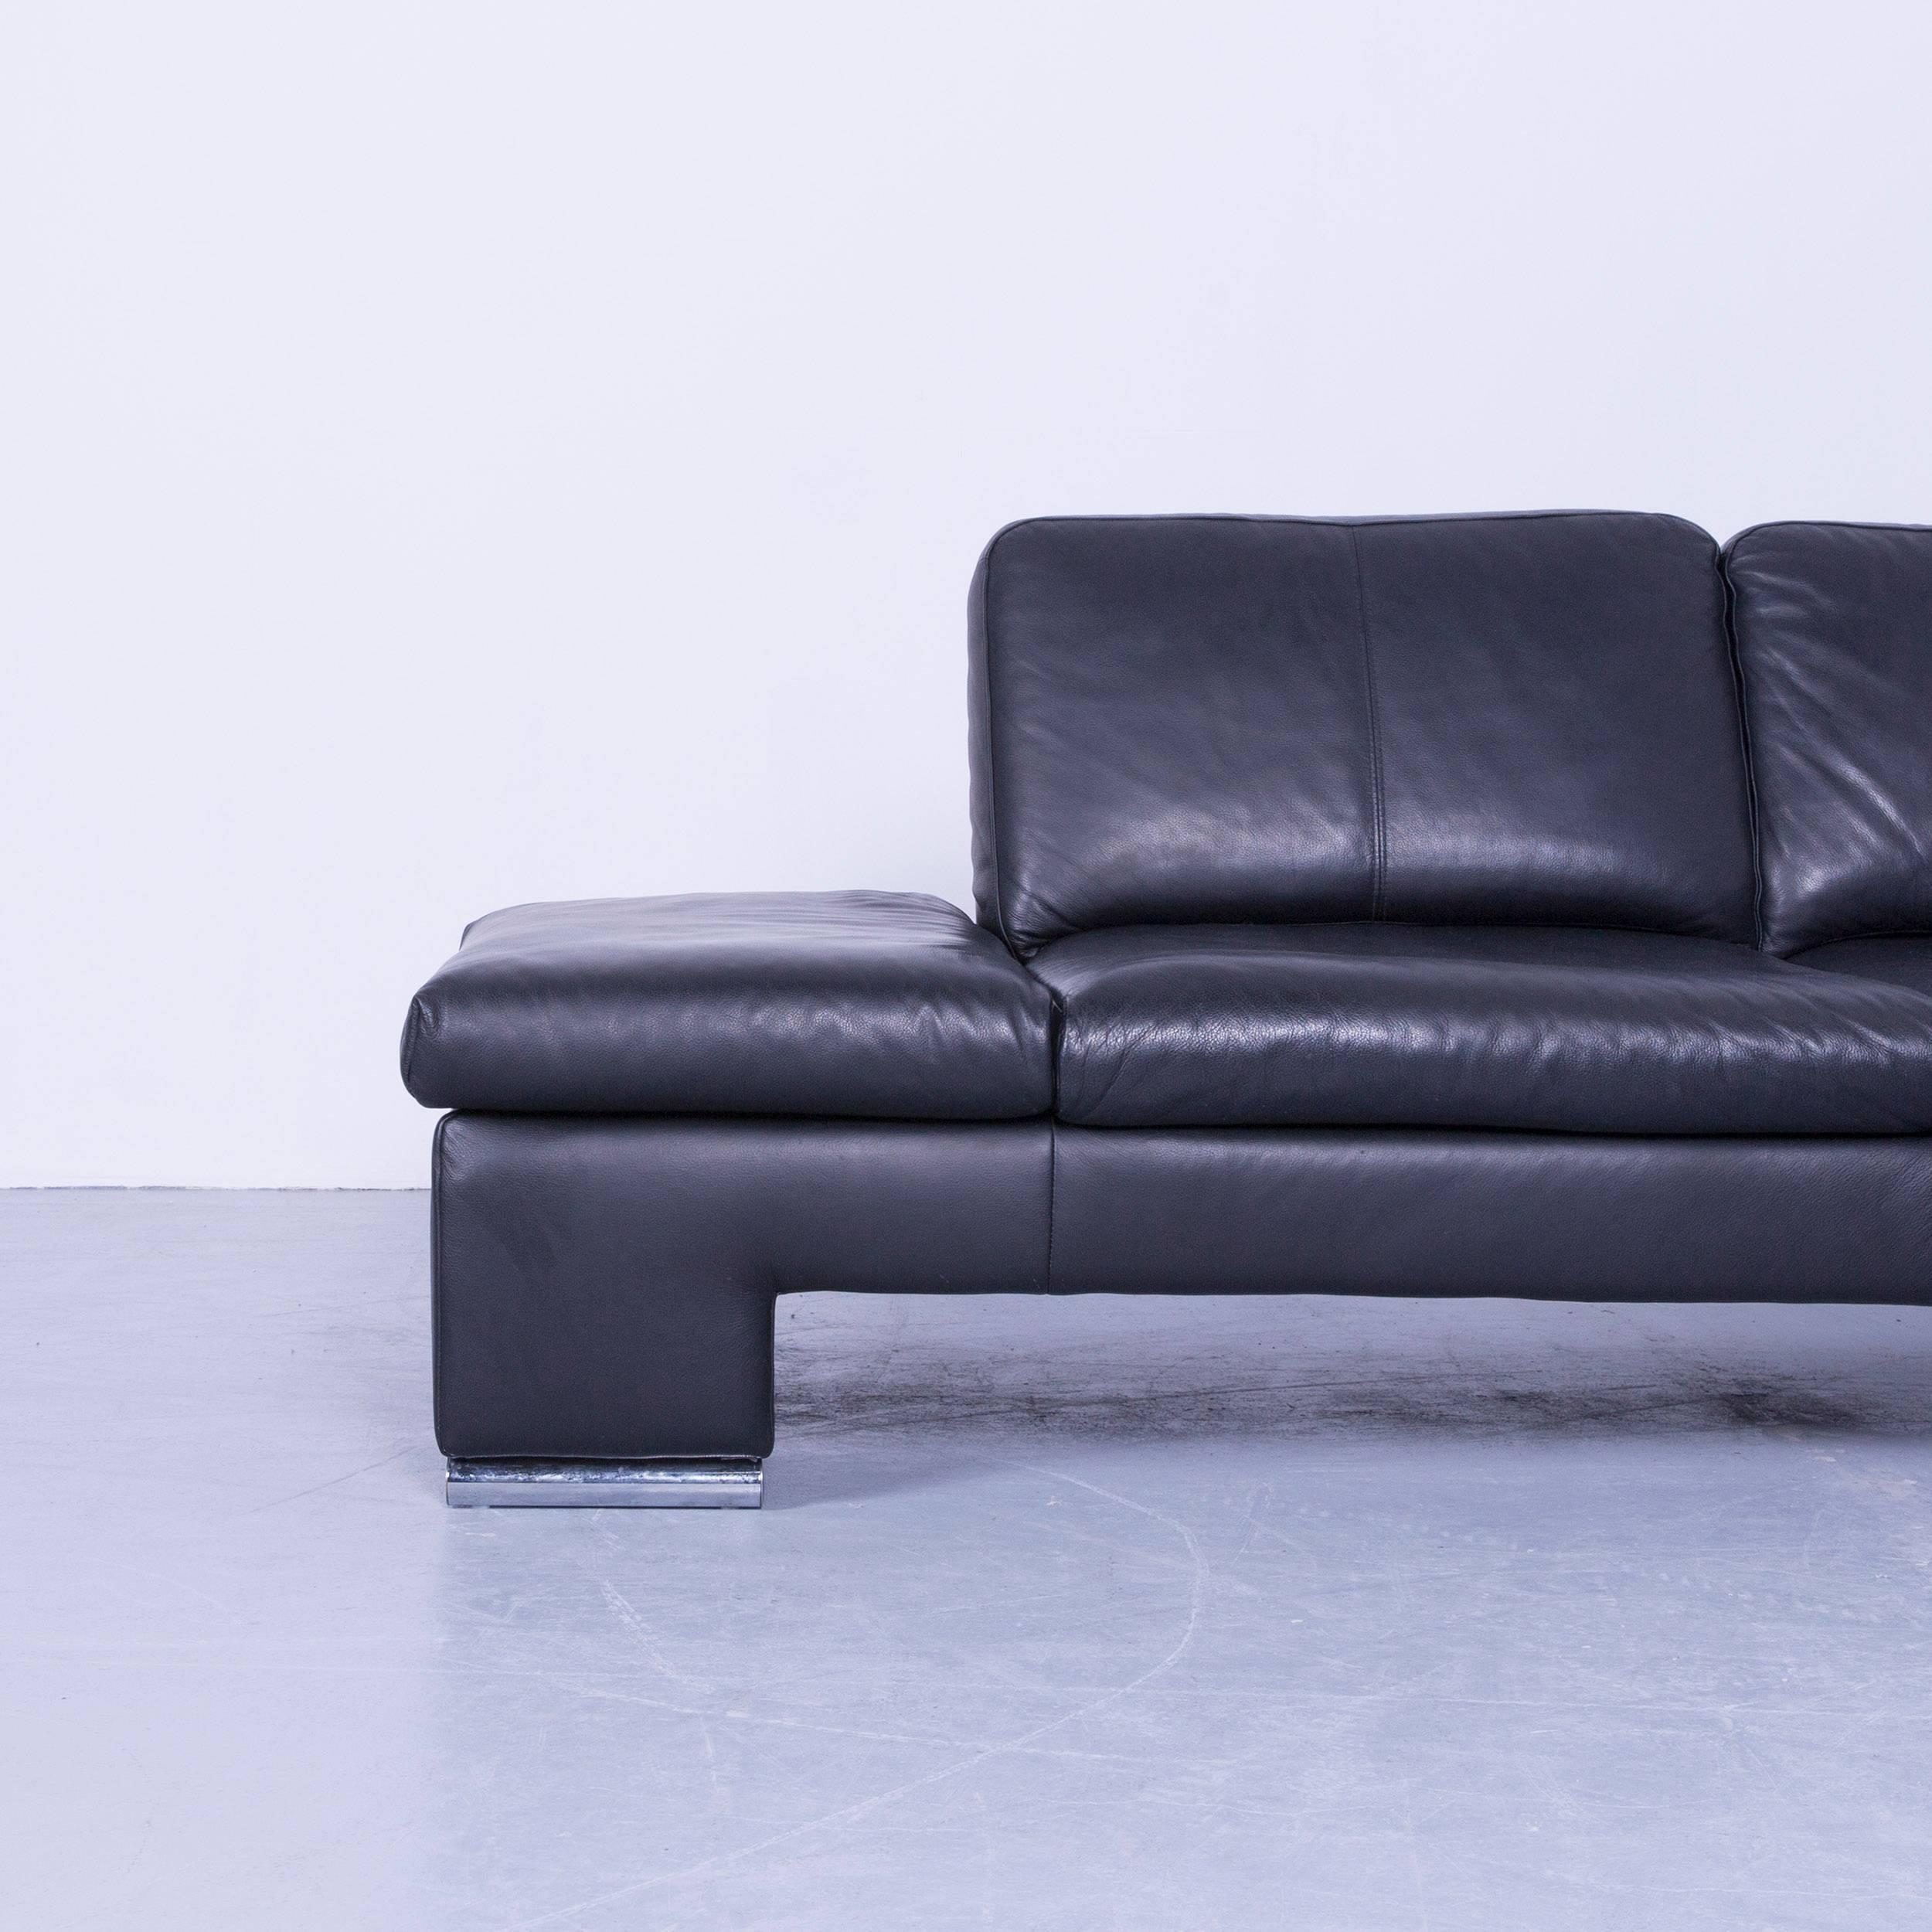 couch schwarz leder interesting sofa grau leder big sofa u form couch grau big sofa sam schwarz. Black Bedroom Furniture Sets. Home Design Ideas